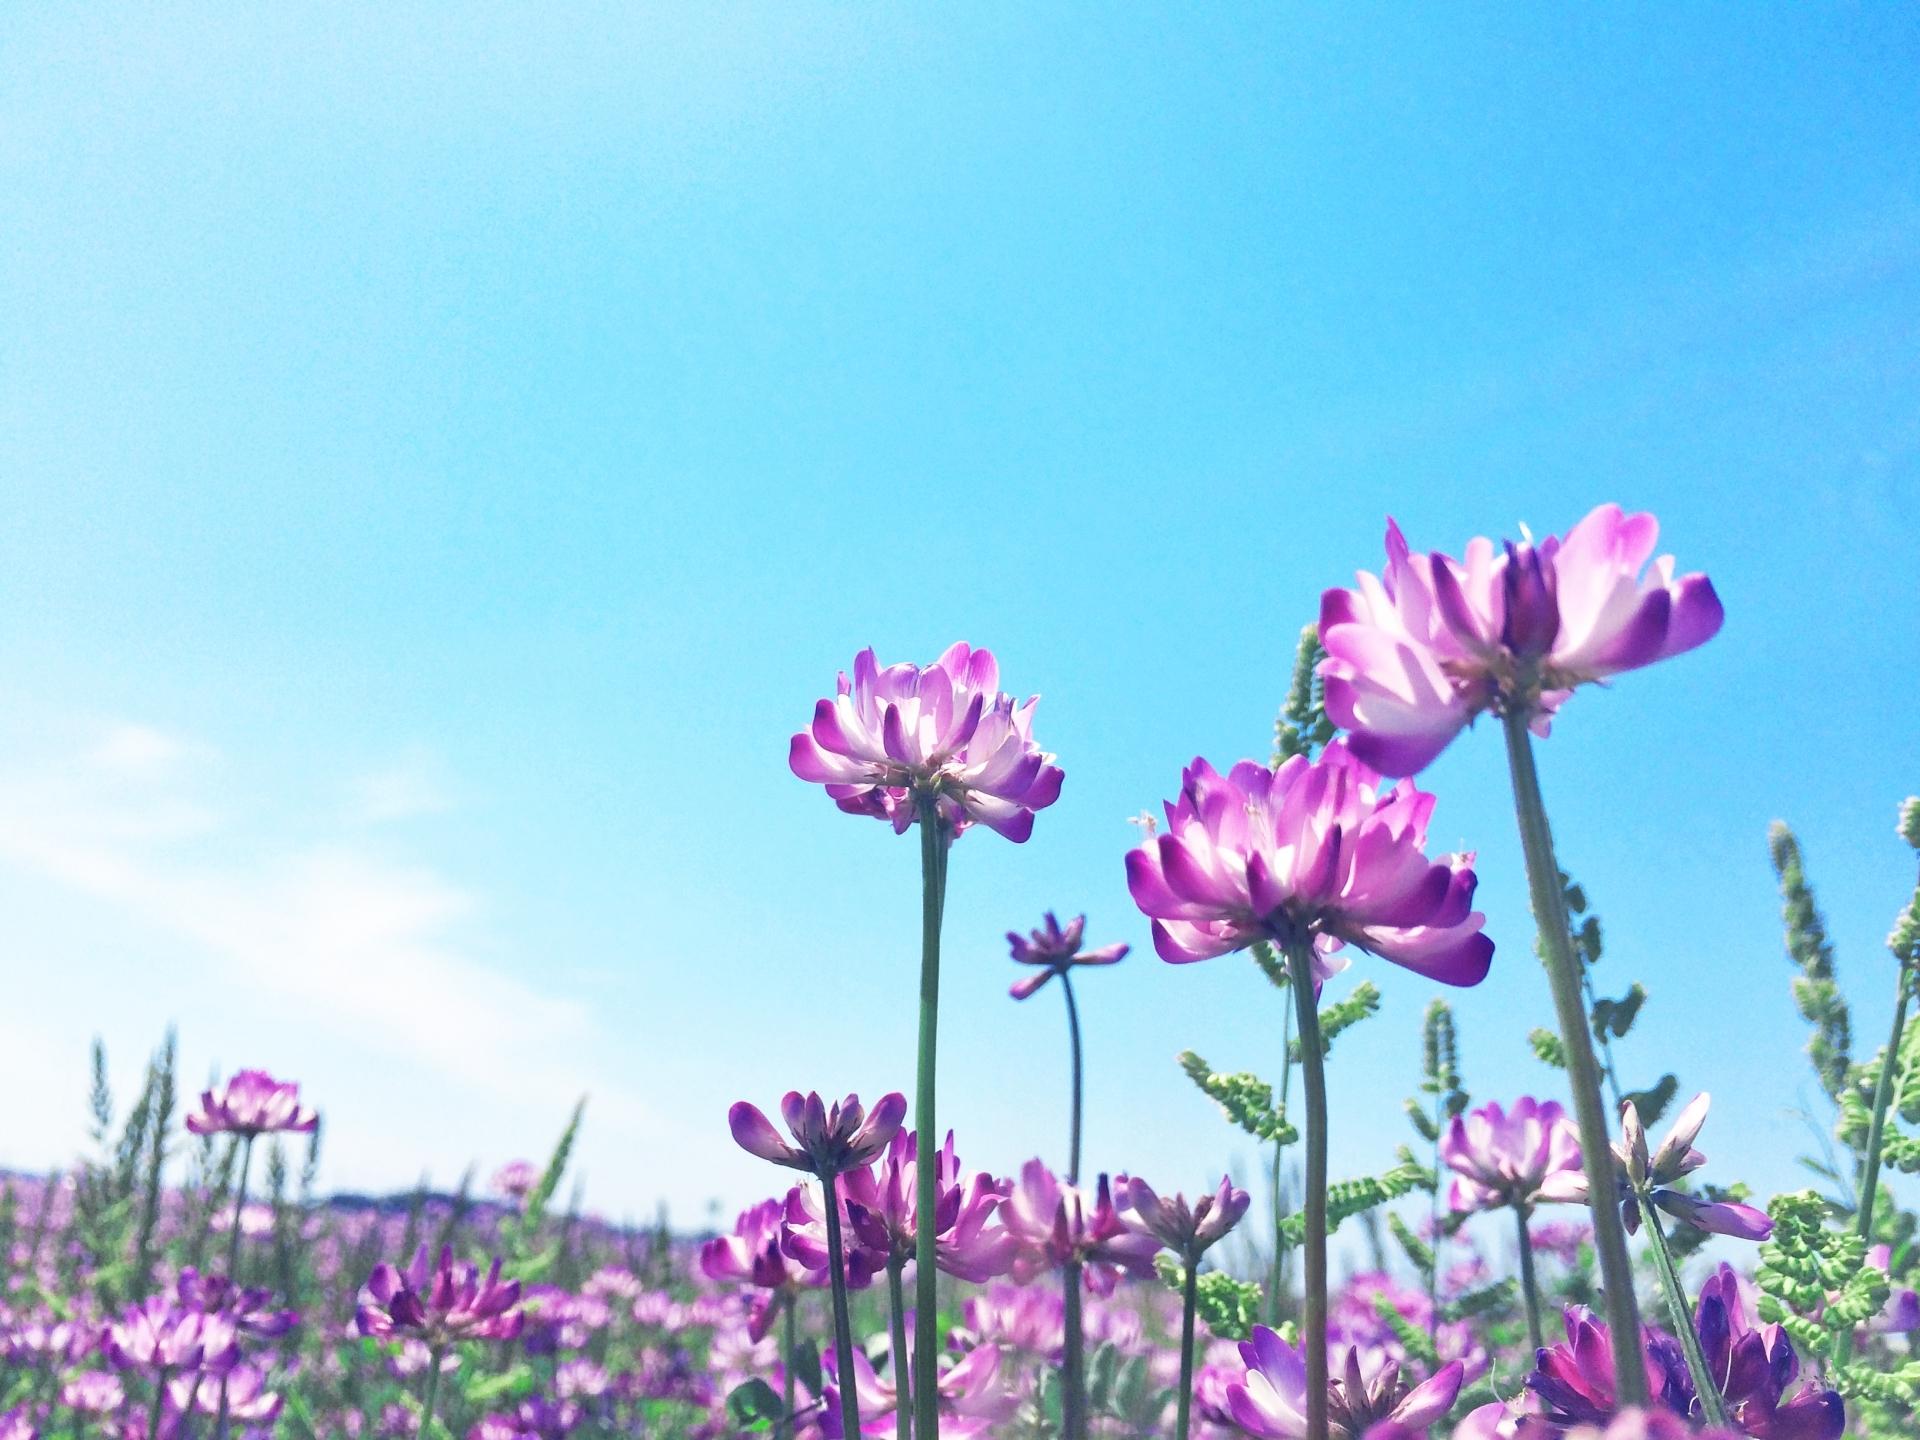 蓮華の花とは?その特徴や花言葉を紹介!開花時期や見頃の季節はいつ?